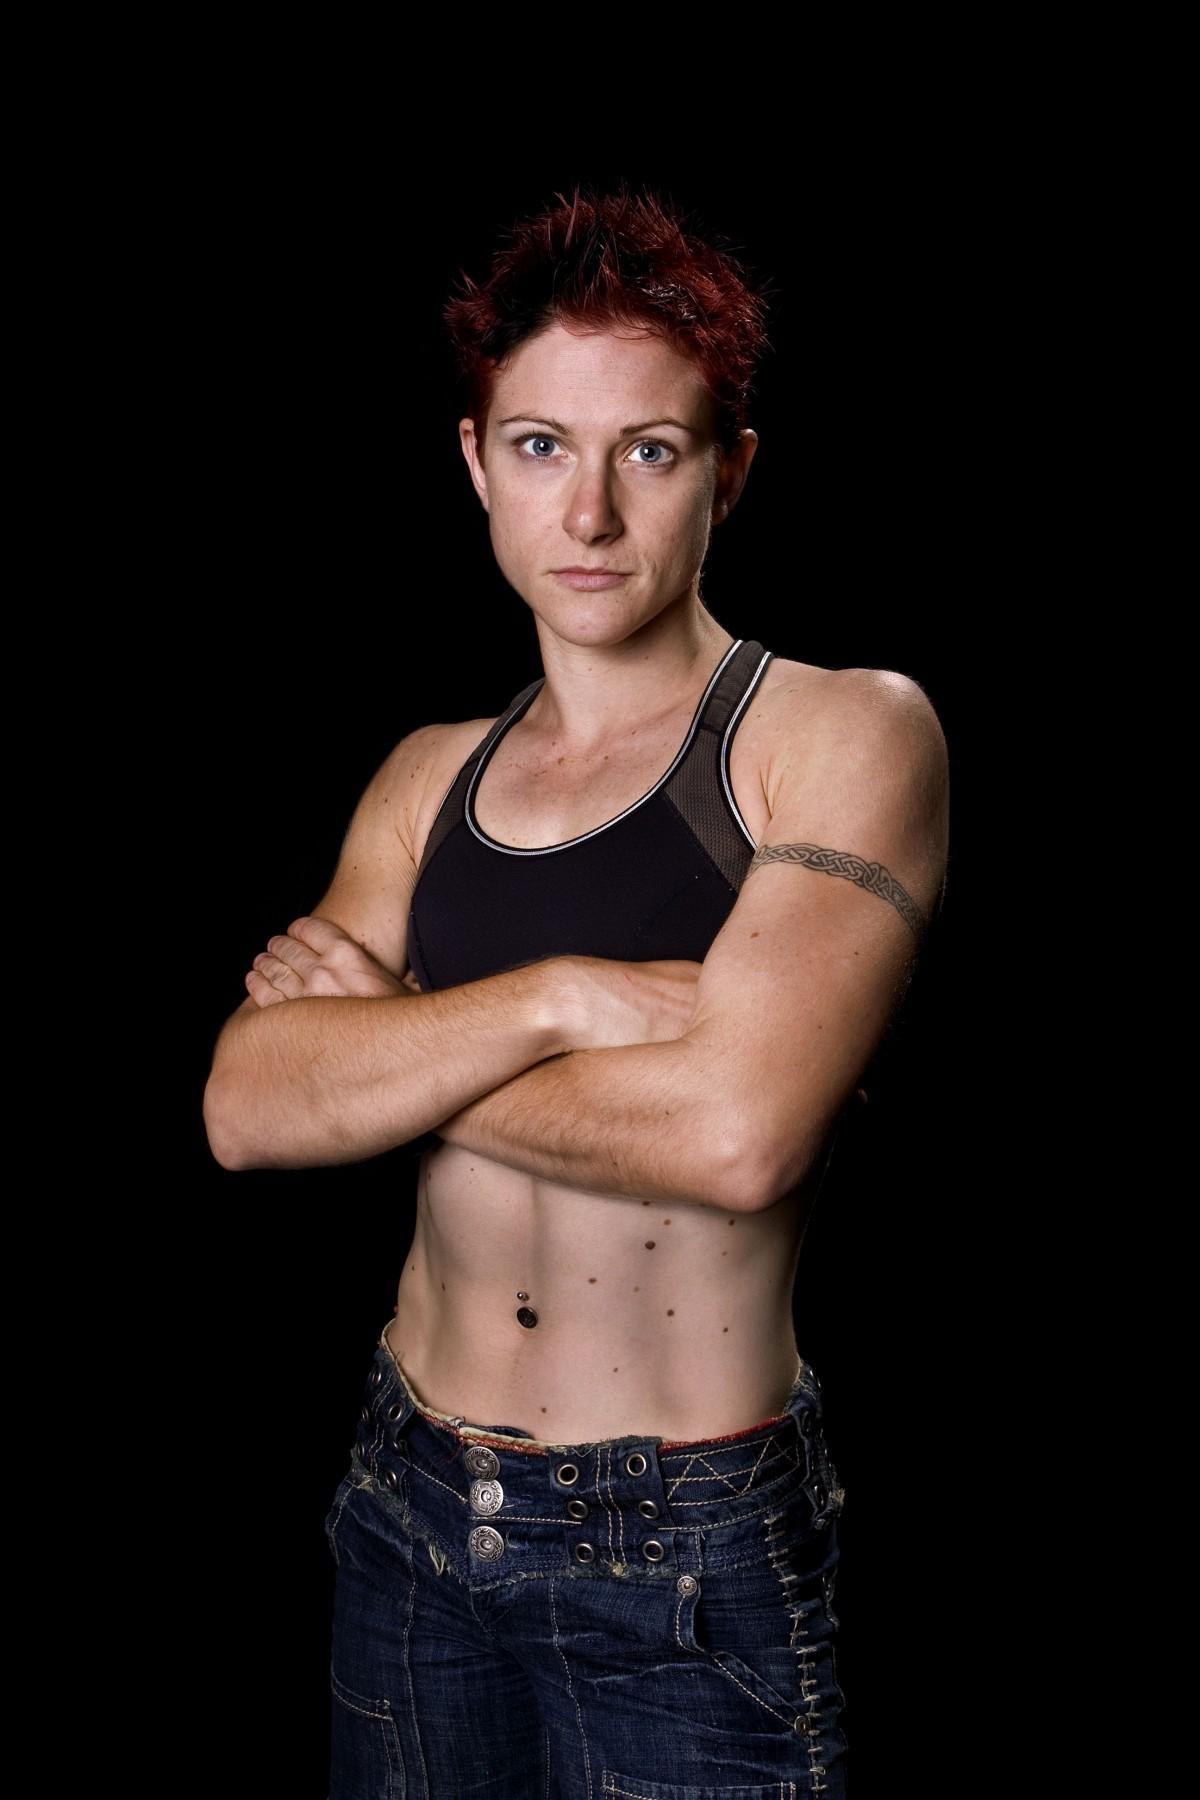 Claire Fryer